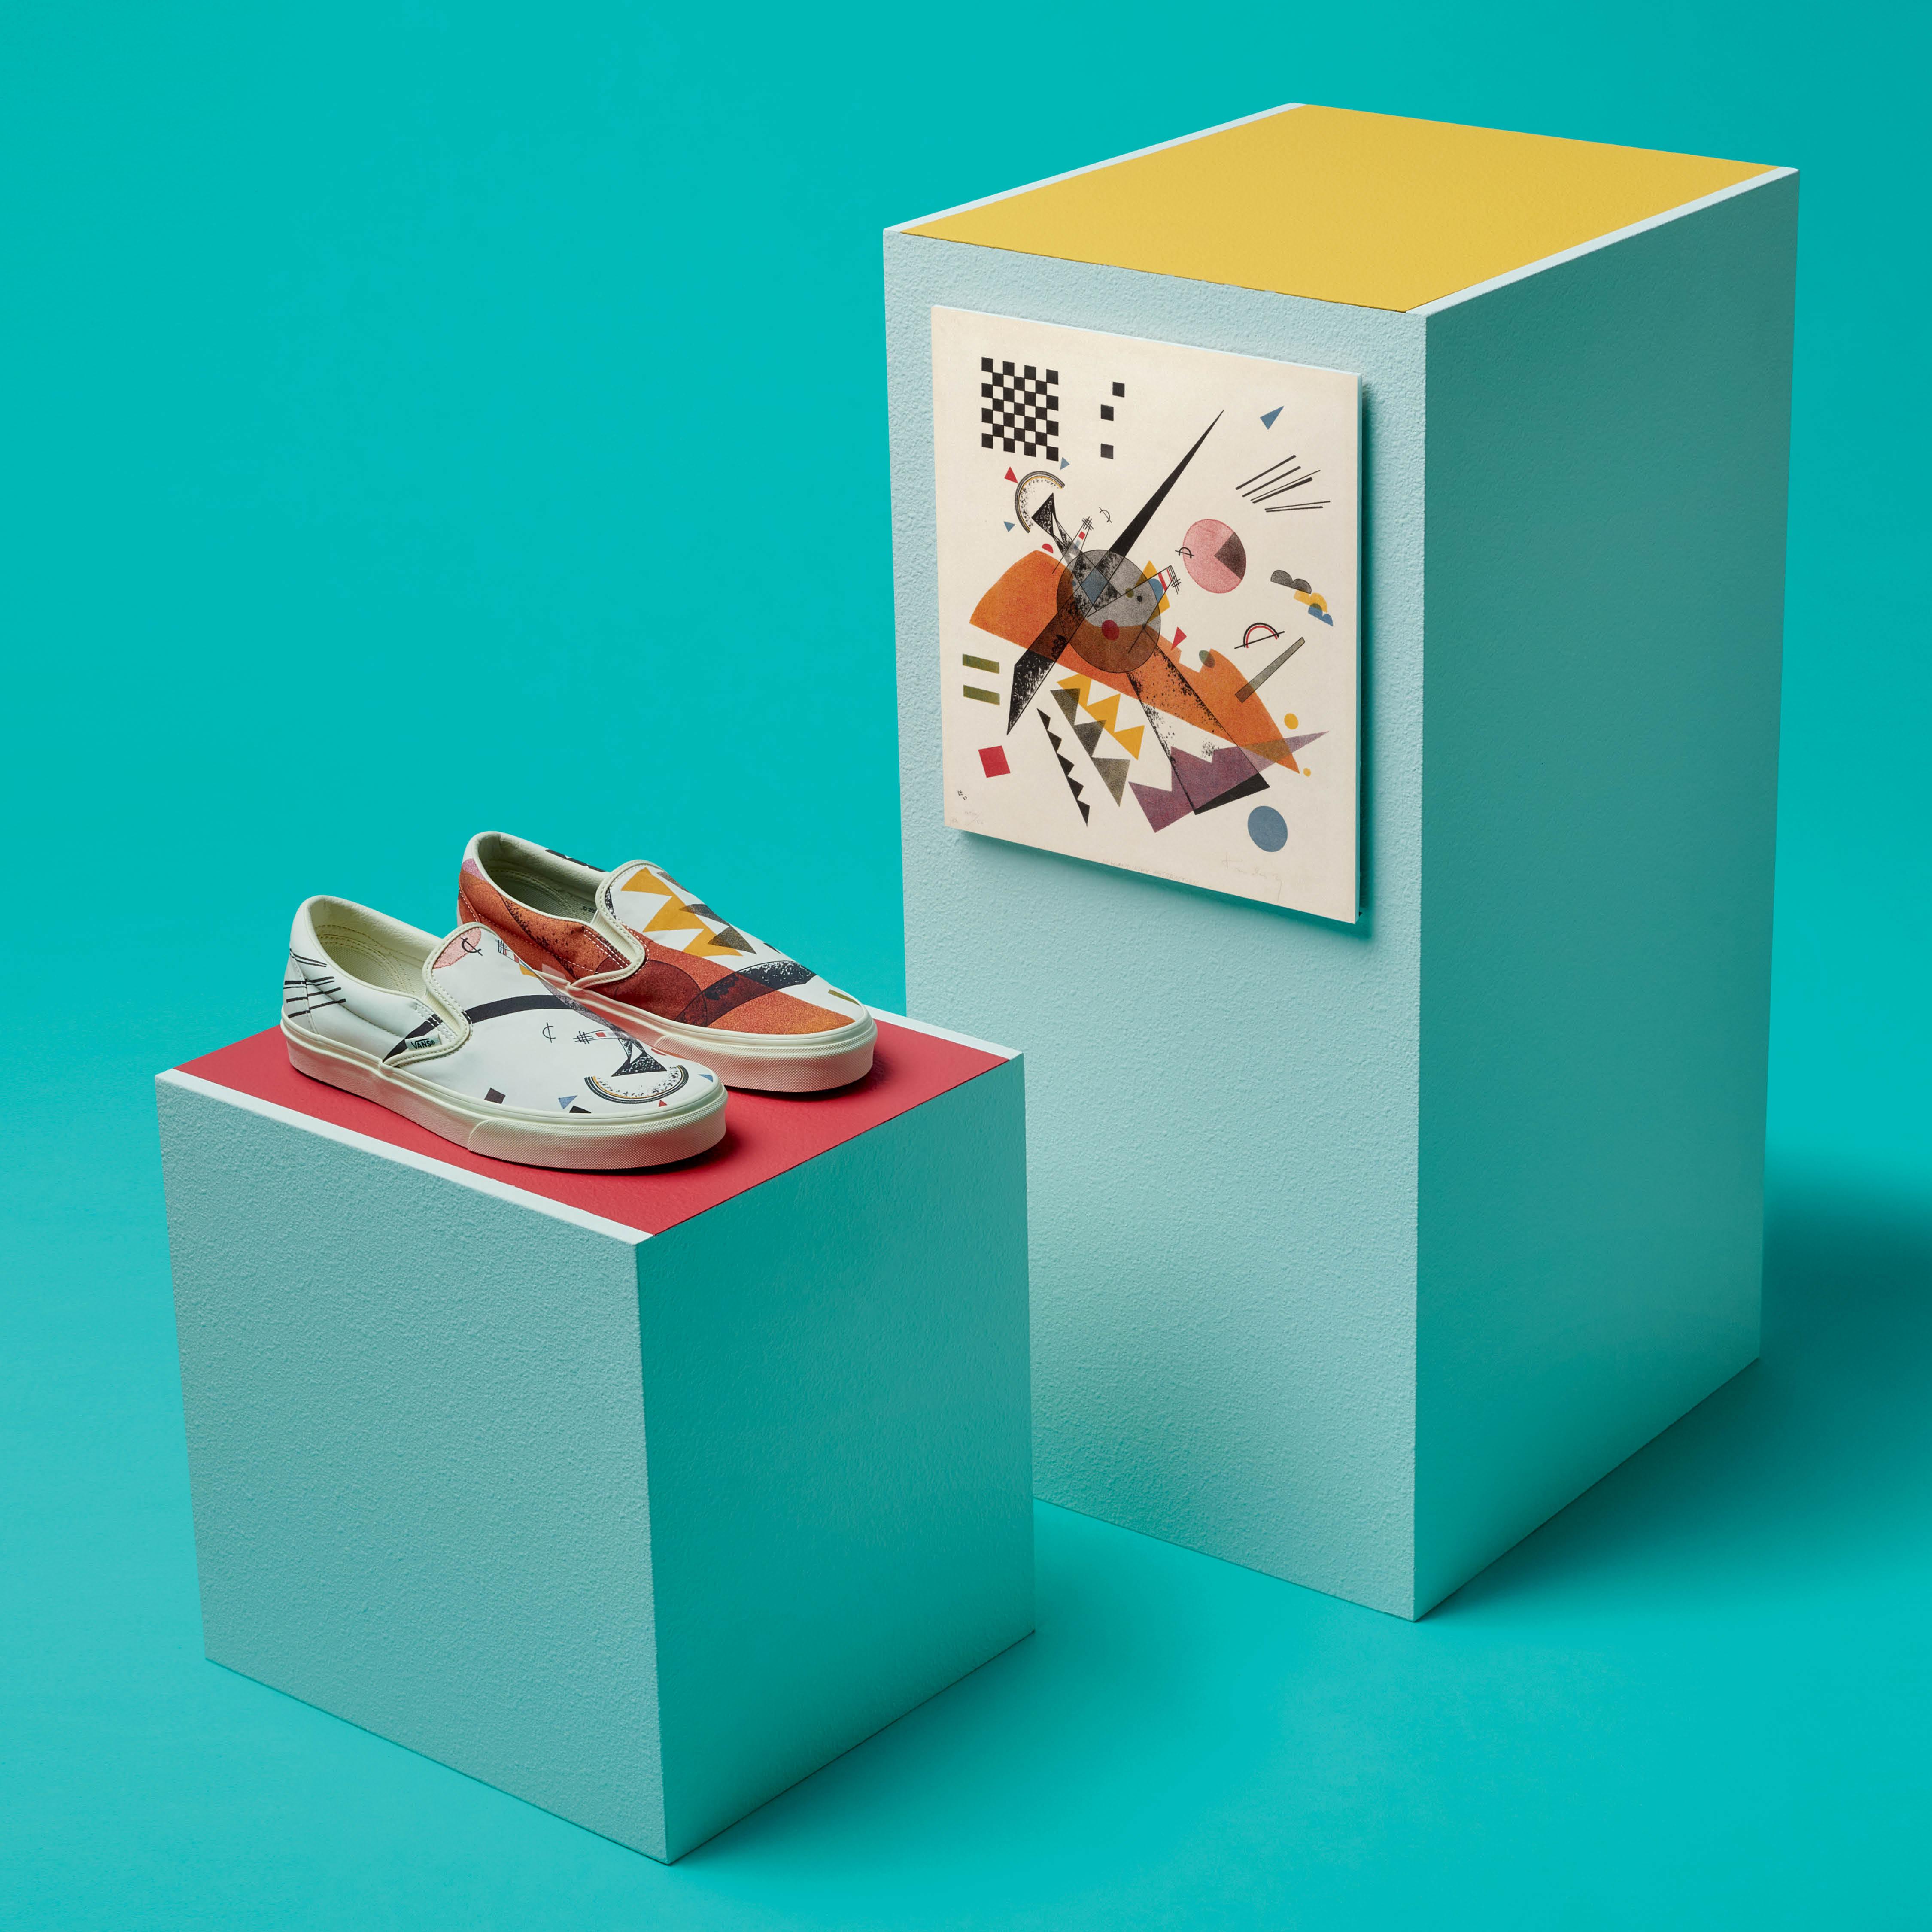 Vans Slip-on và tác phẩm Orange kết hợp cùng MoMA